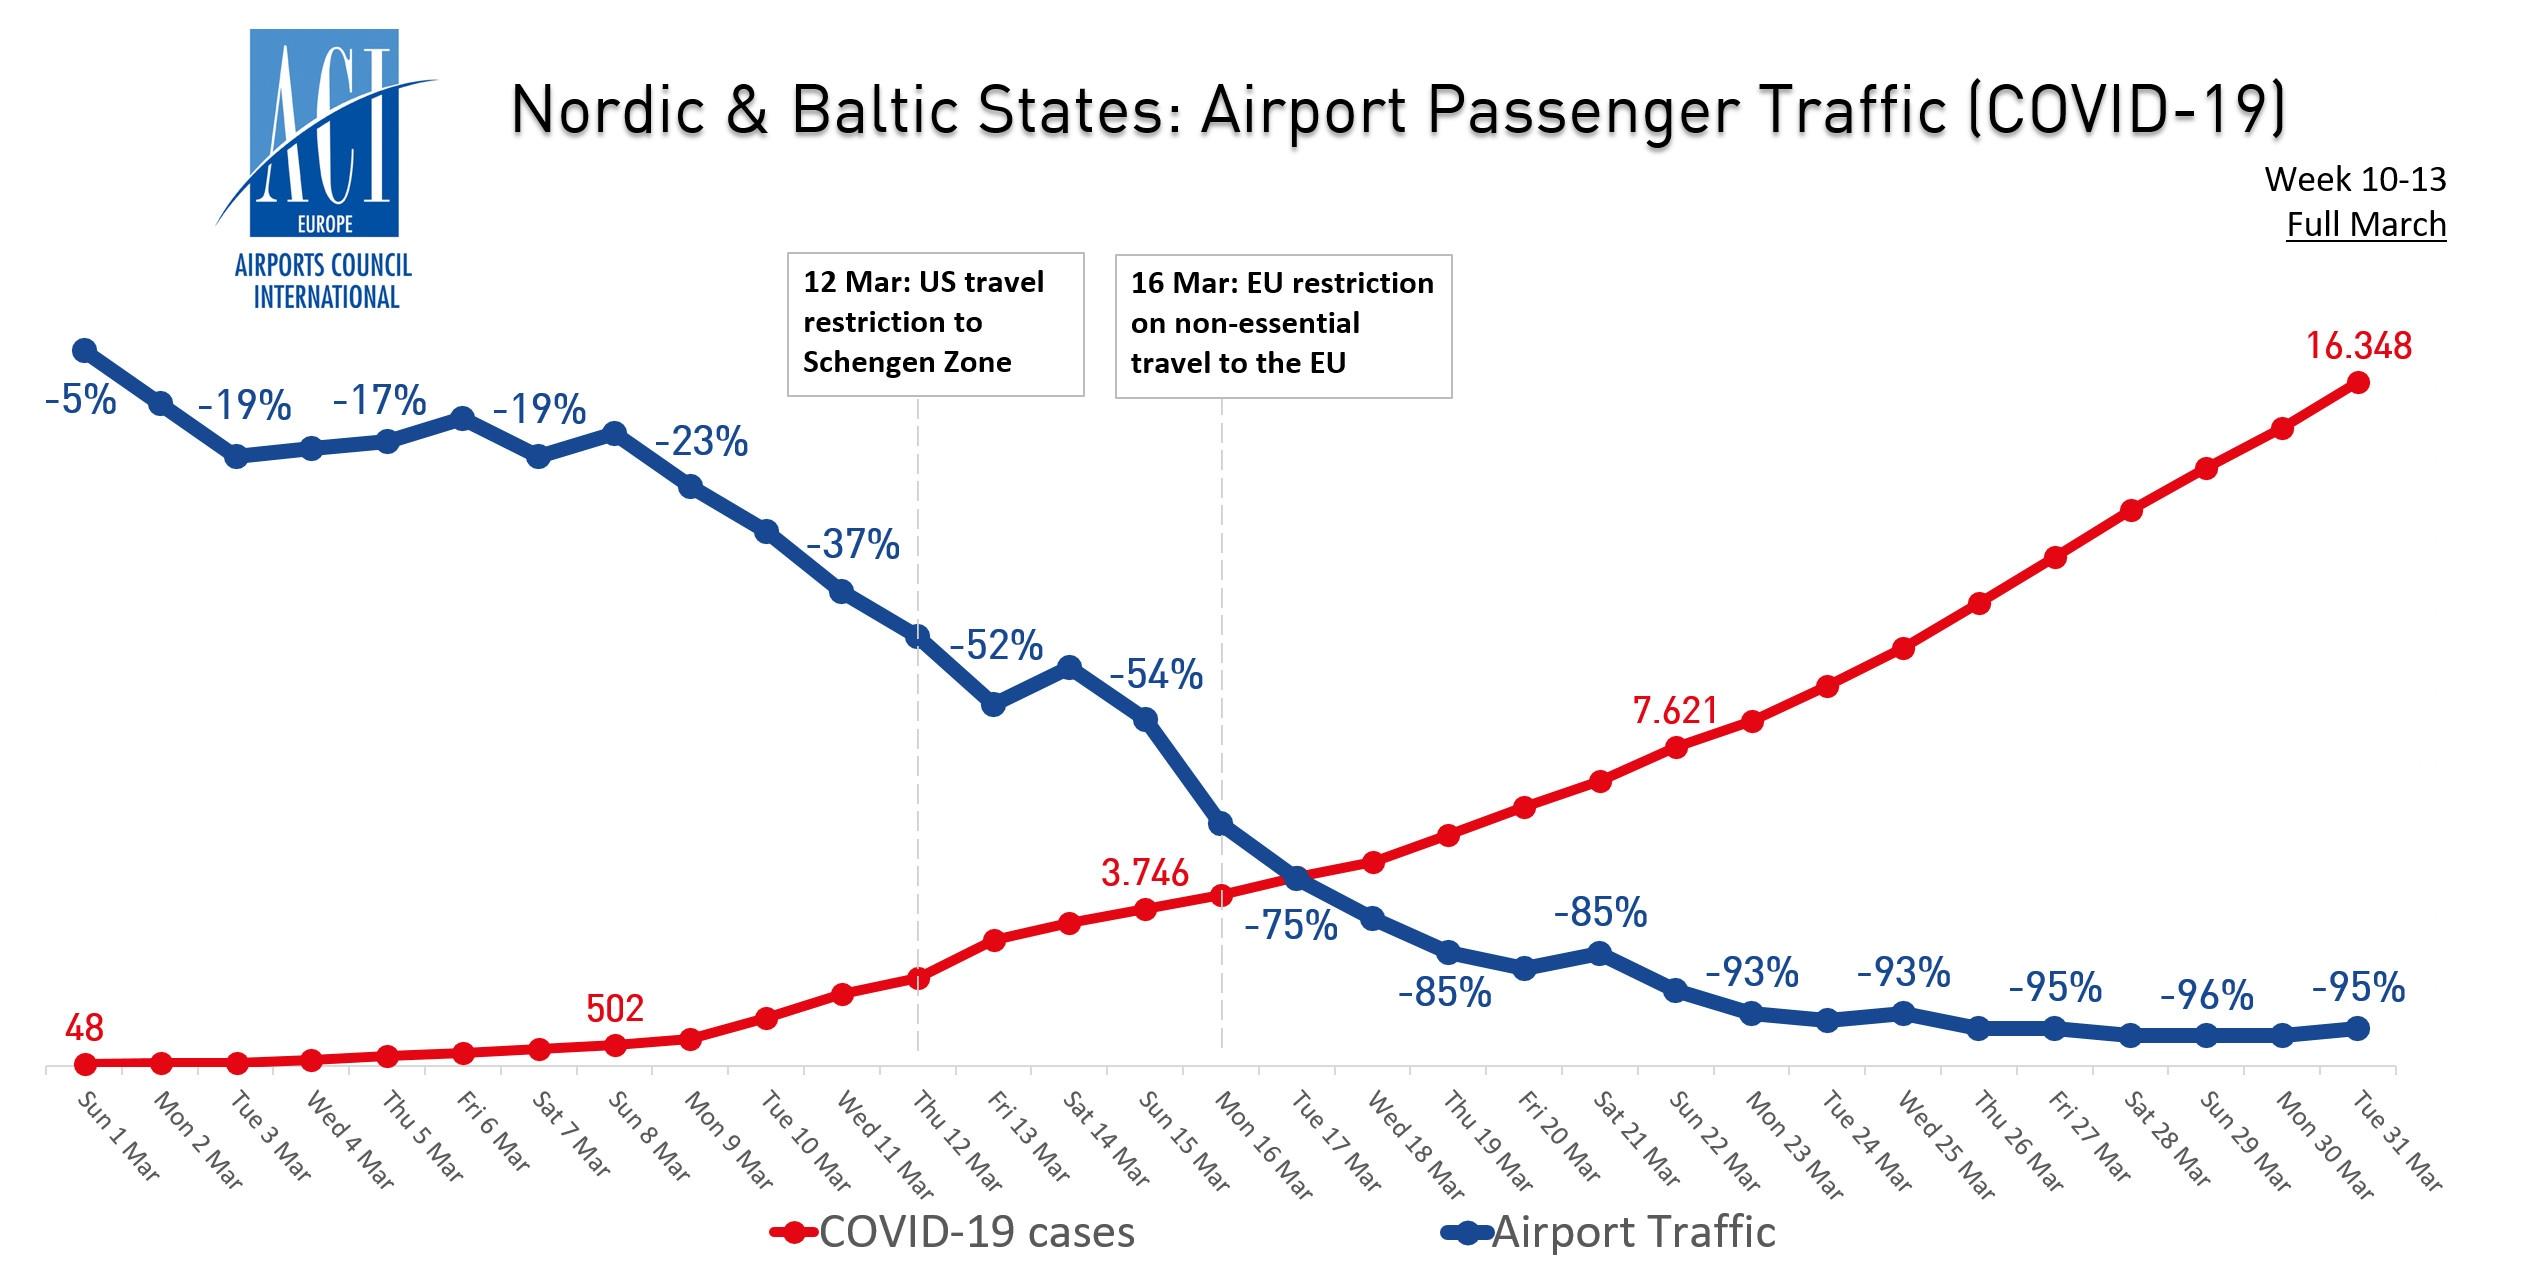 北欧与波罗的海国家机场客流量与新冠病毒病例走势图